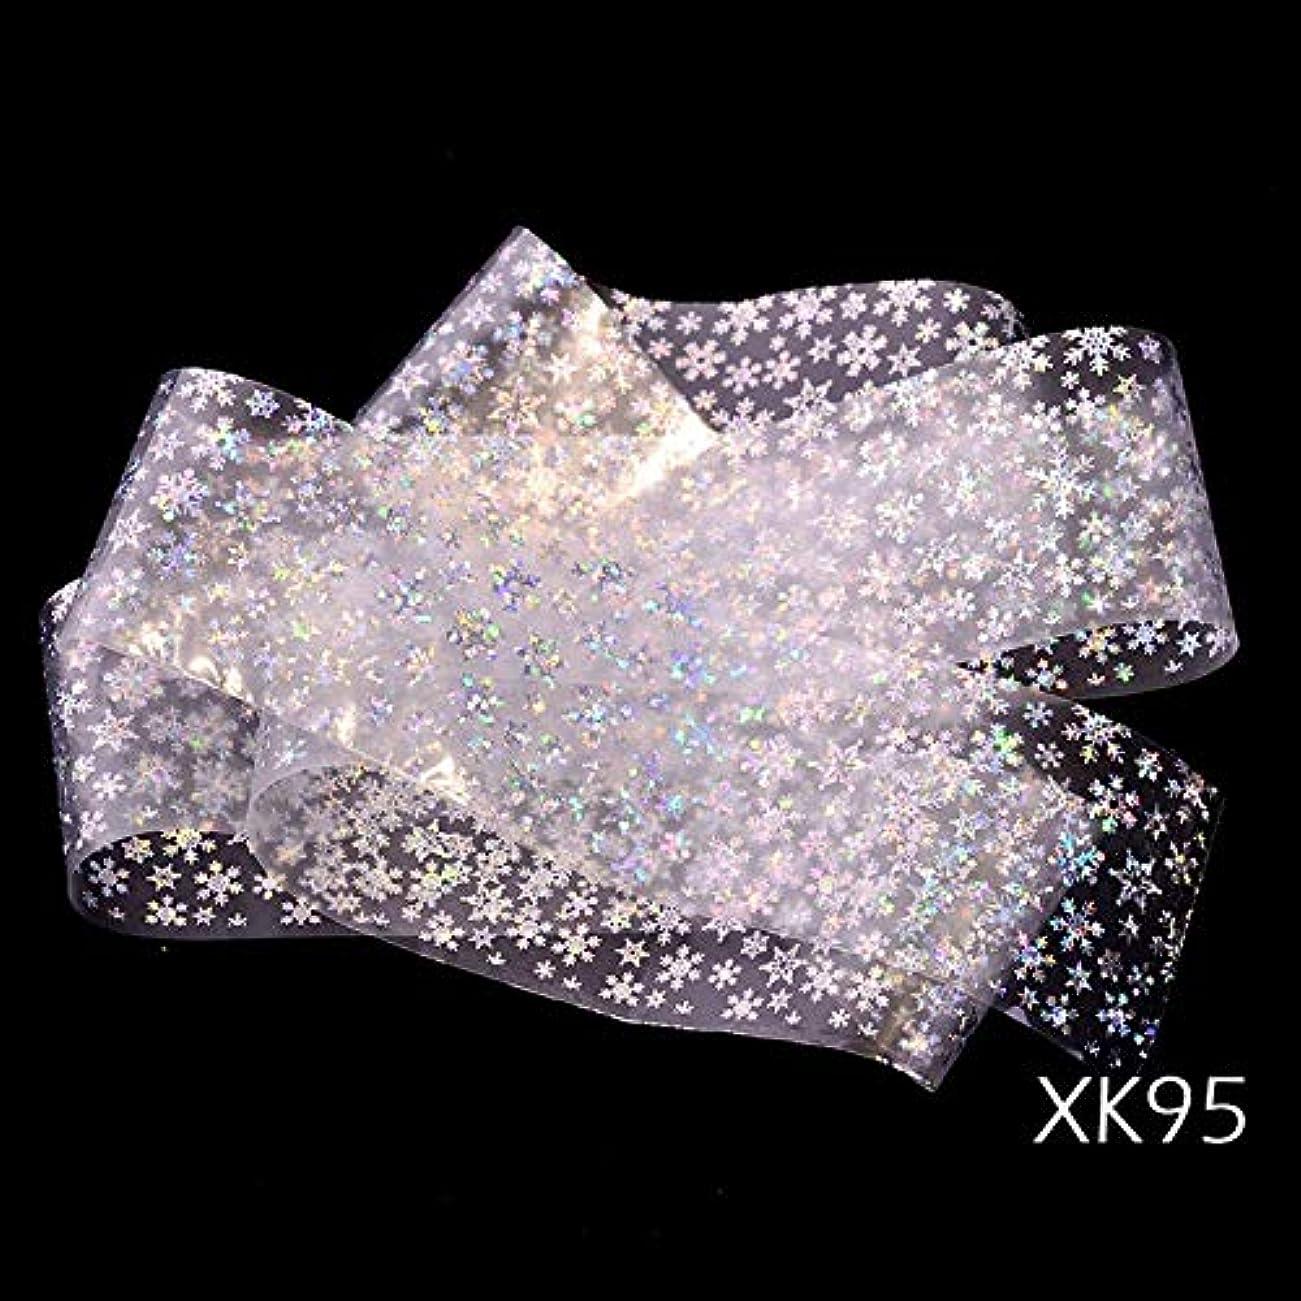 性別メアリアンジョーンズ司法1ピースレーザーネイル箔転写ステッカークリスマスホログラフィックシルバーカラー光沢のあるスノーフレークデザイン透明/ブラックチップSAXK94-97 XK95